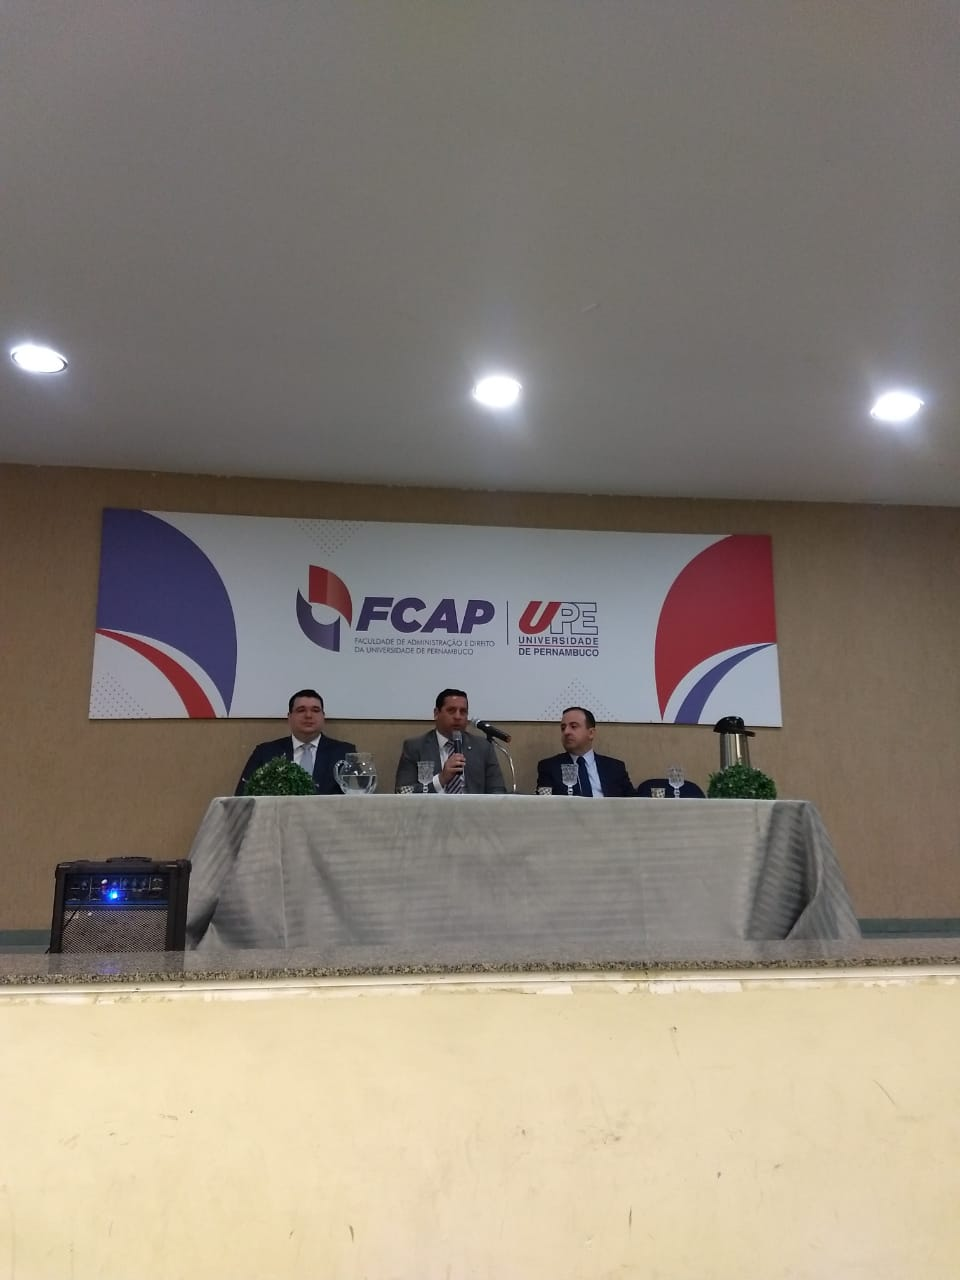 Semana Universitária 2019 - Mesa Processo civil  FCAP